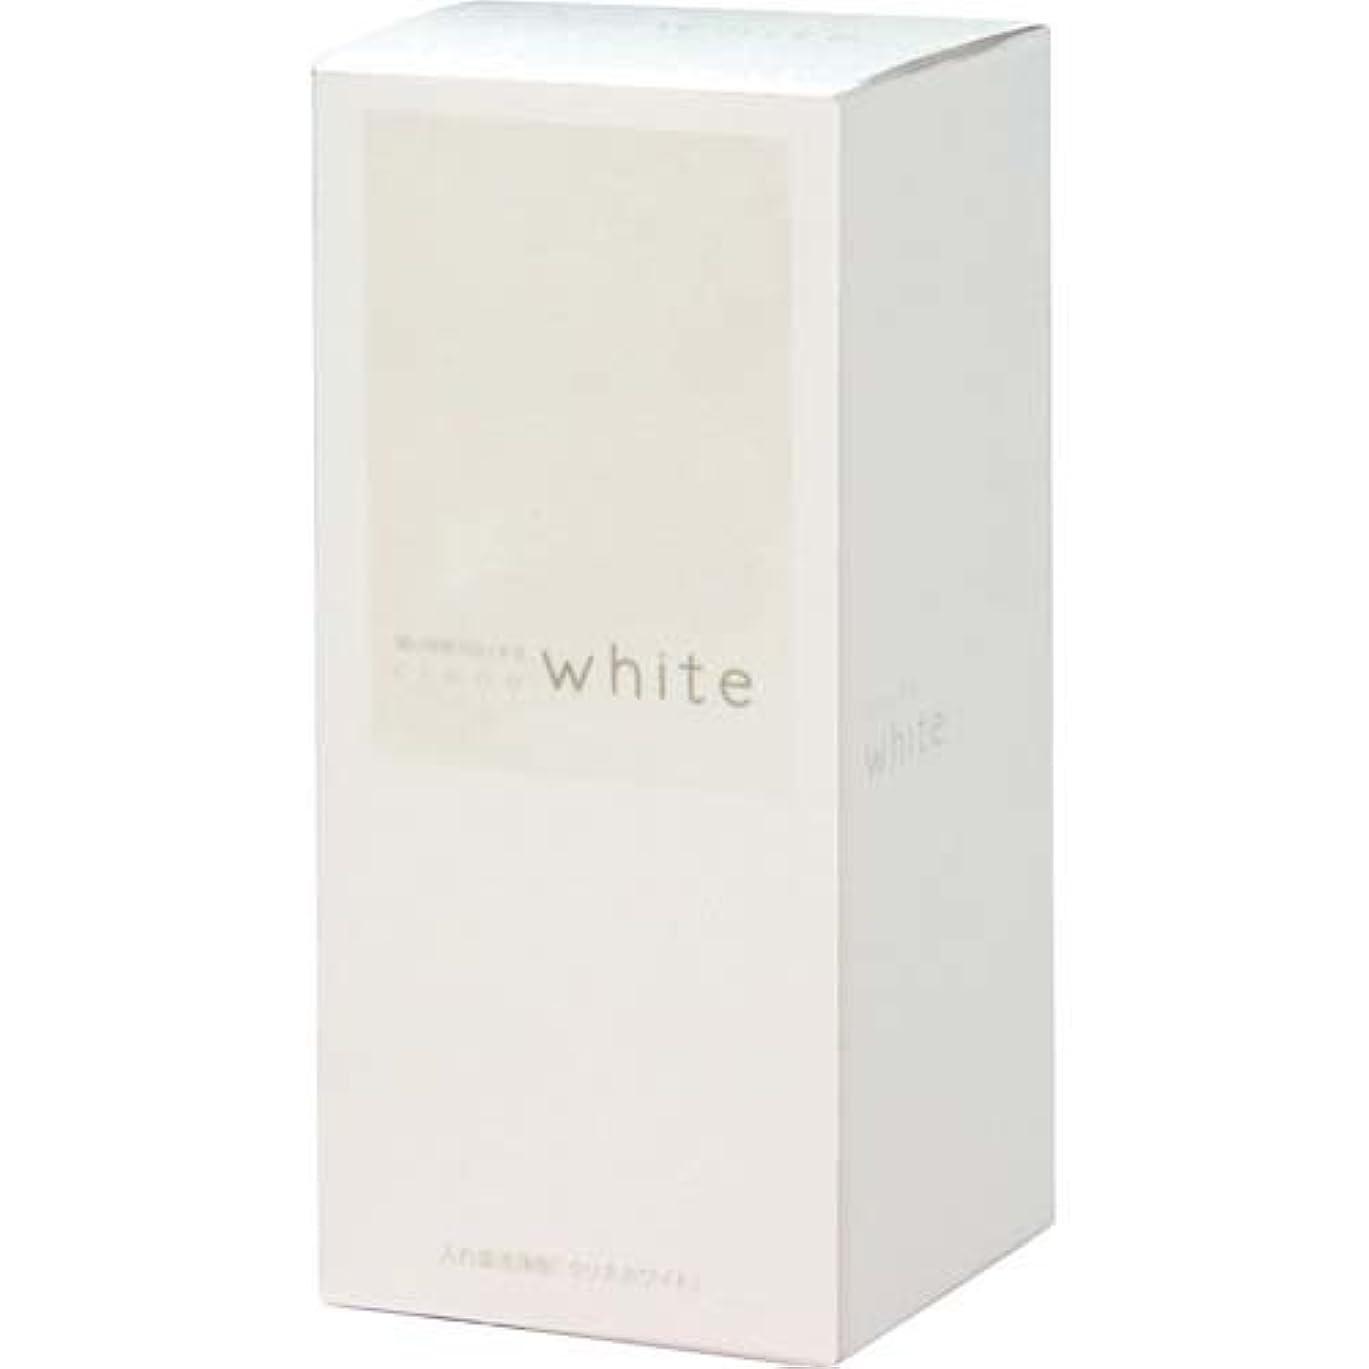 共役団結する破壊的短い時間で白くする 強力入れ歯洗浄剤 クリネホワイト